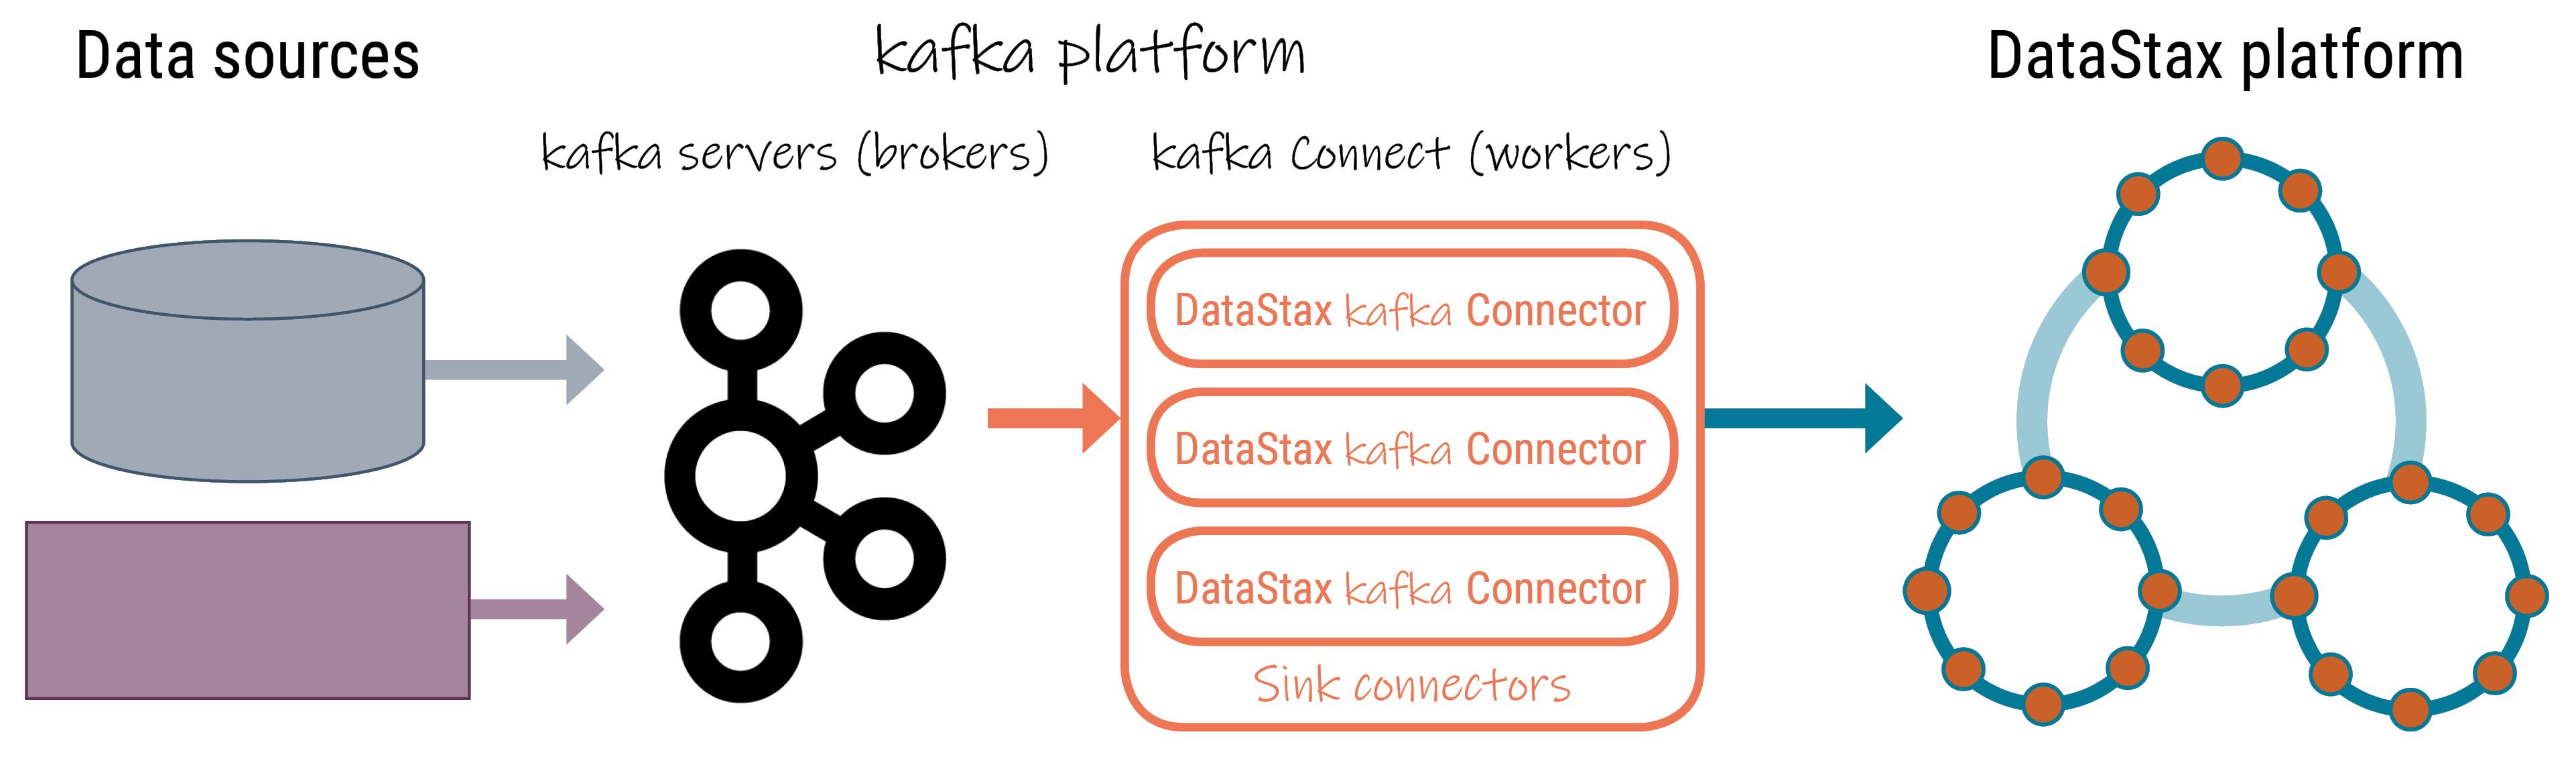 Understanding the architecture | DataStax Apache Kafka Connector